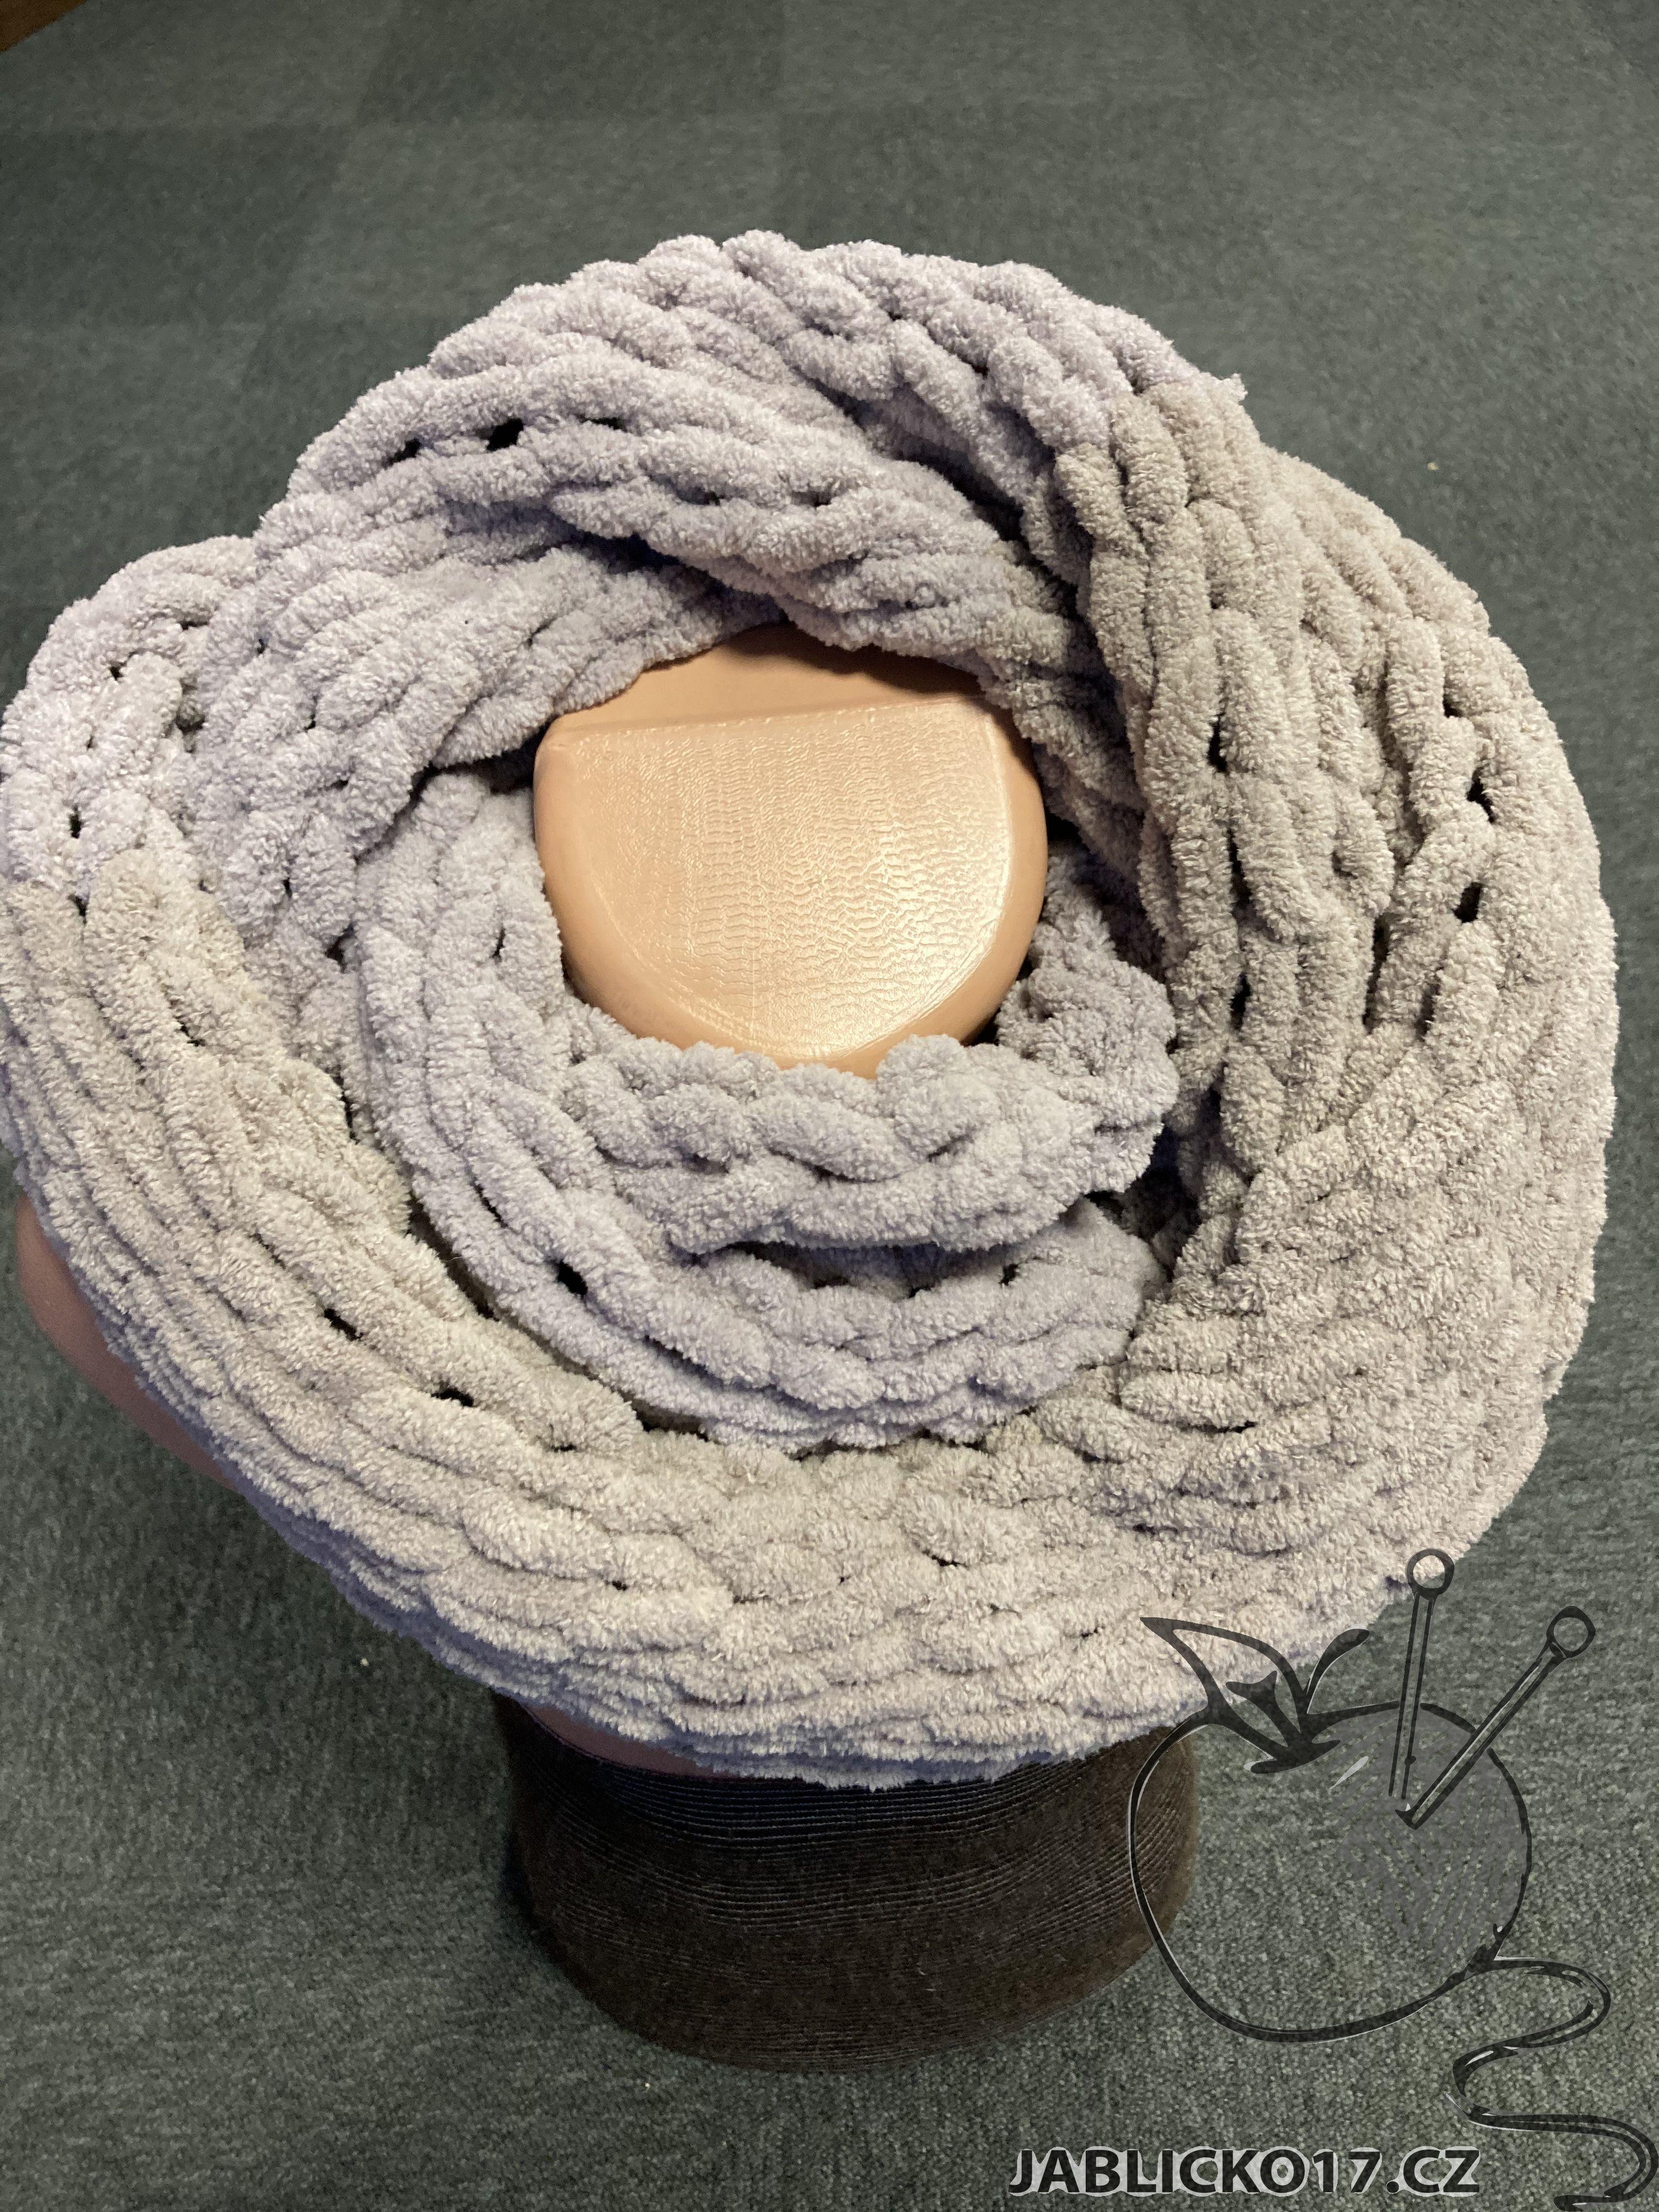 Ručně pletený nákrčník hnědošedý